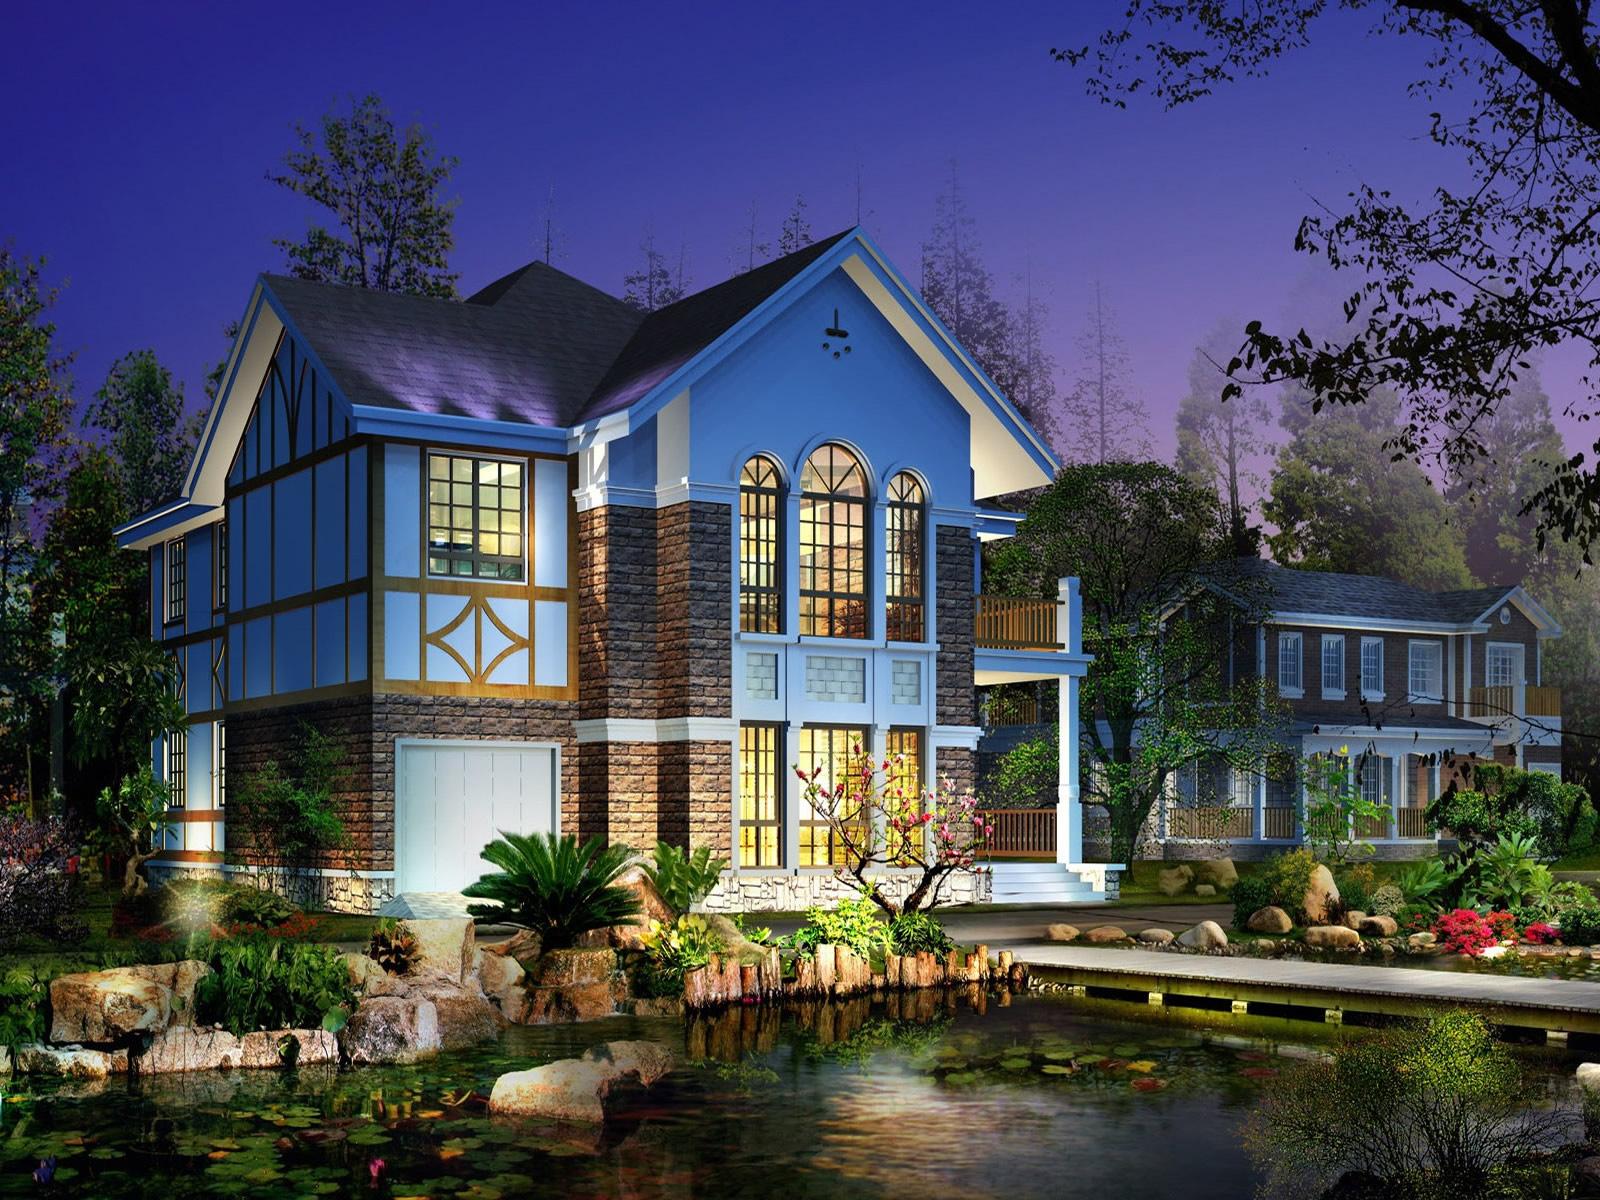 3D House HD Wallpaper | Hd Wallpaper